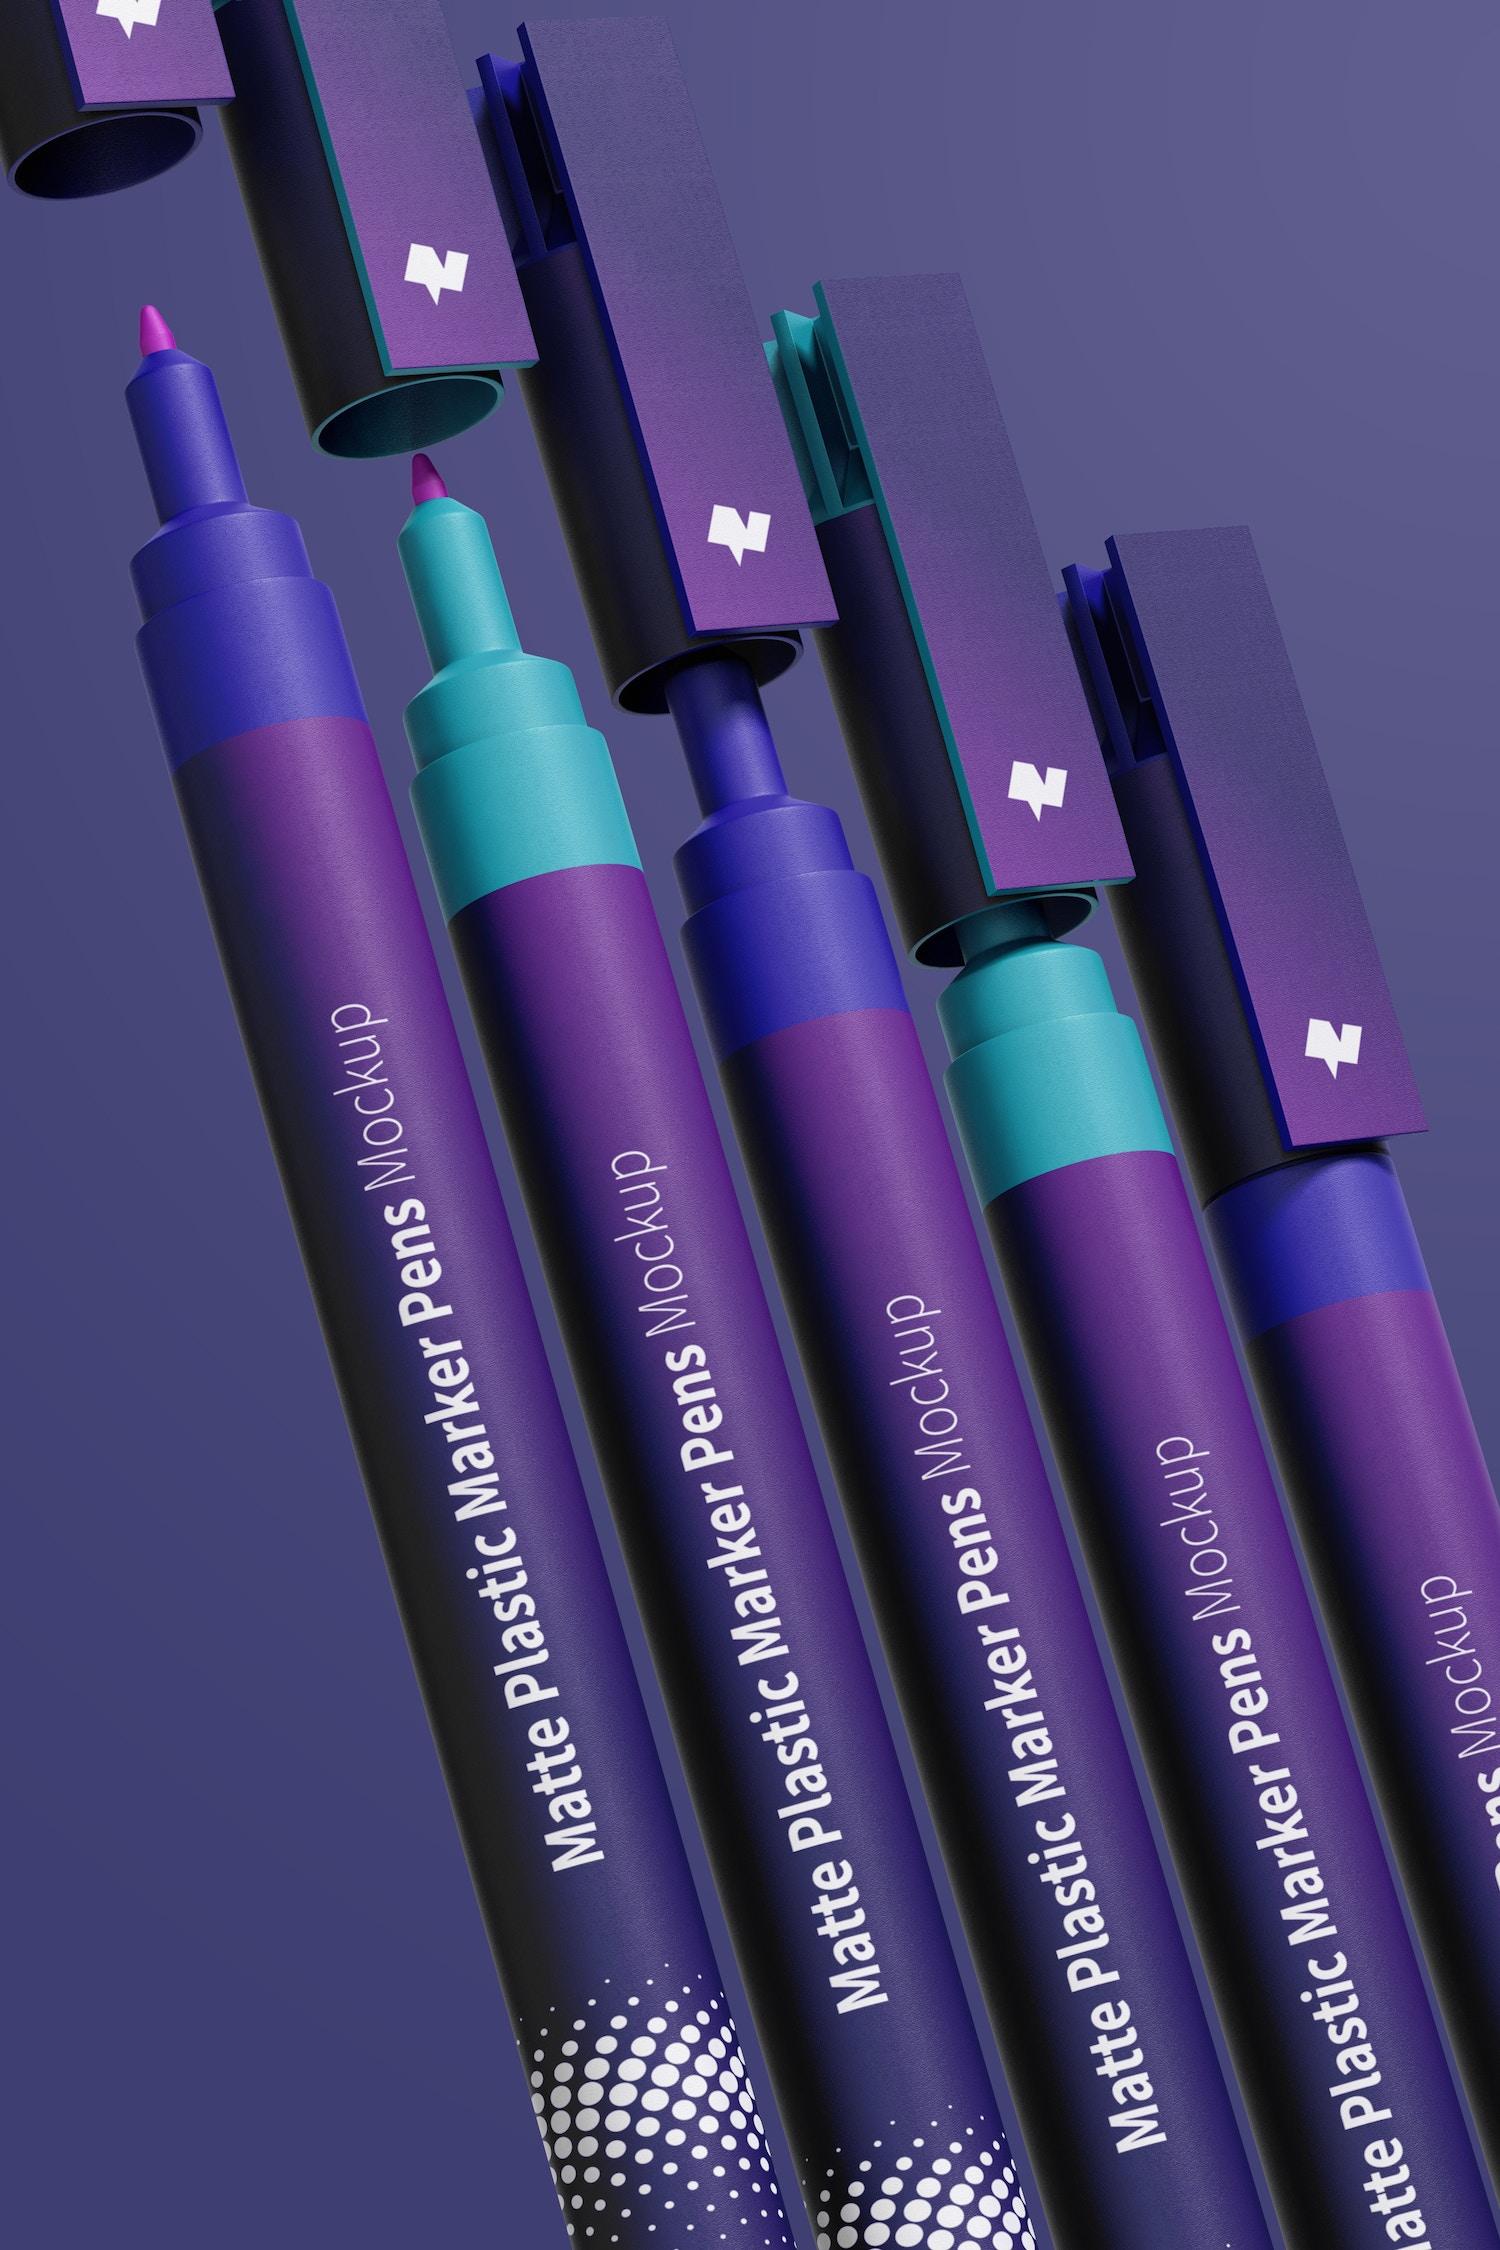 Matte Plastic Marker Pens Mockup, Close Up